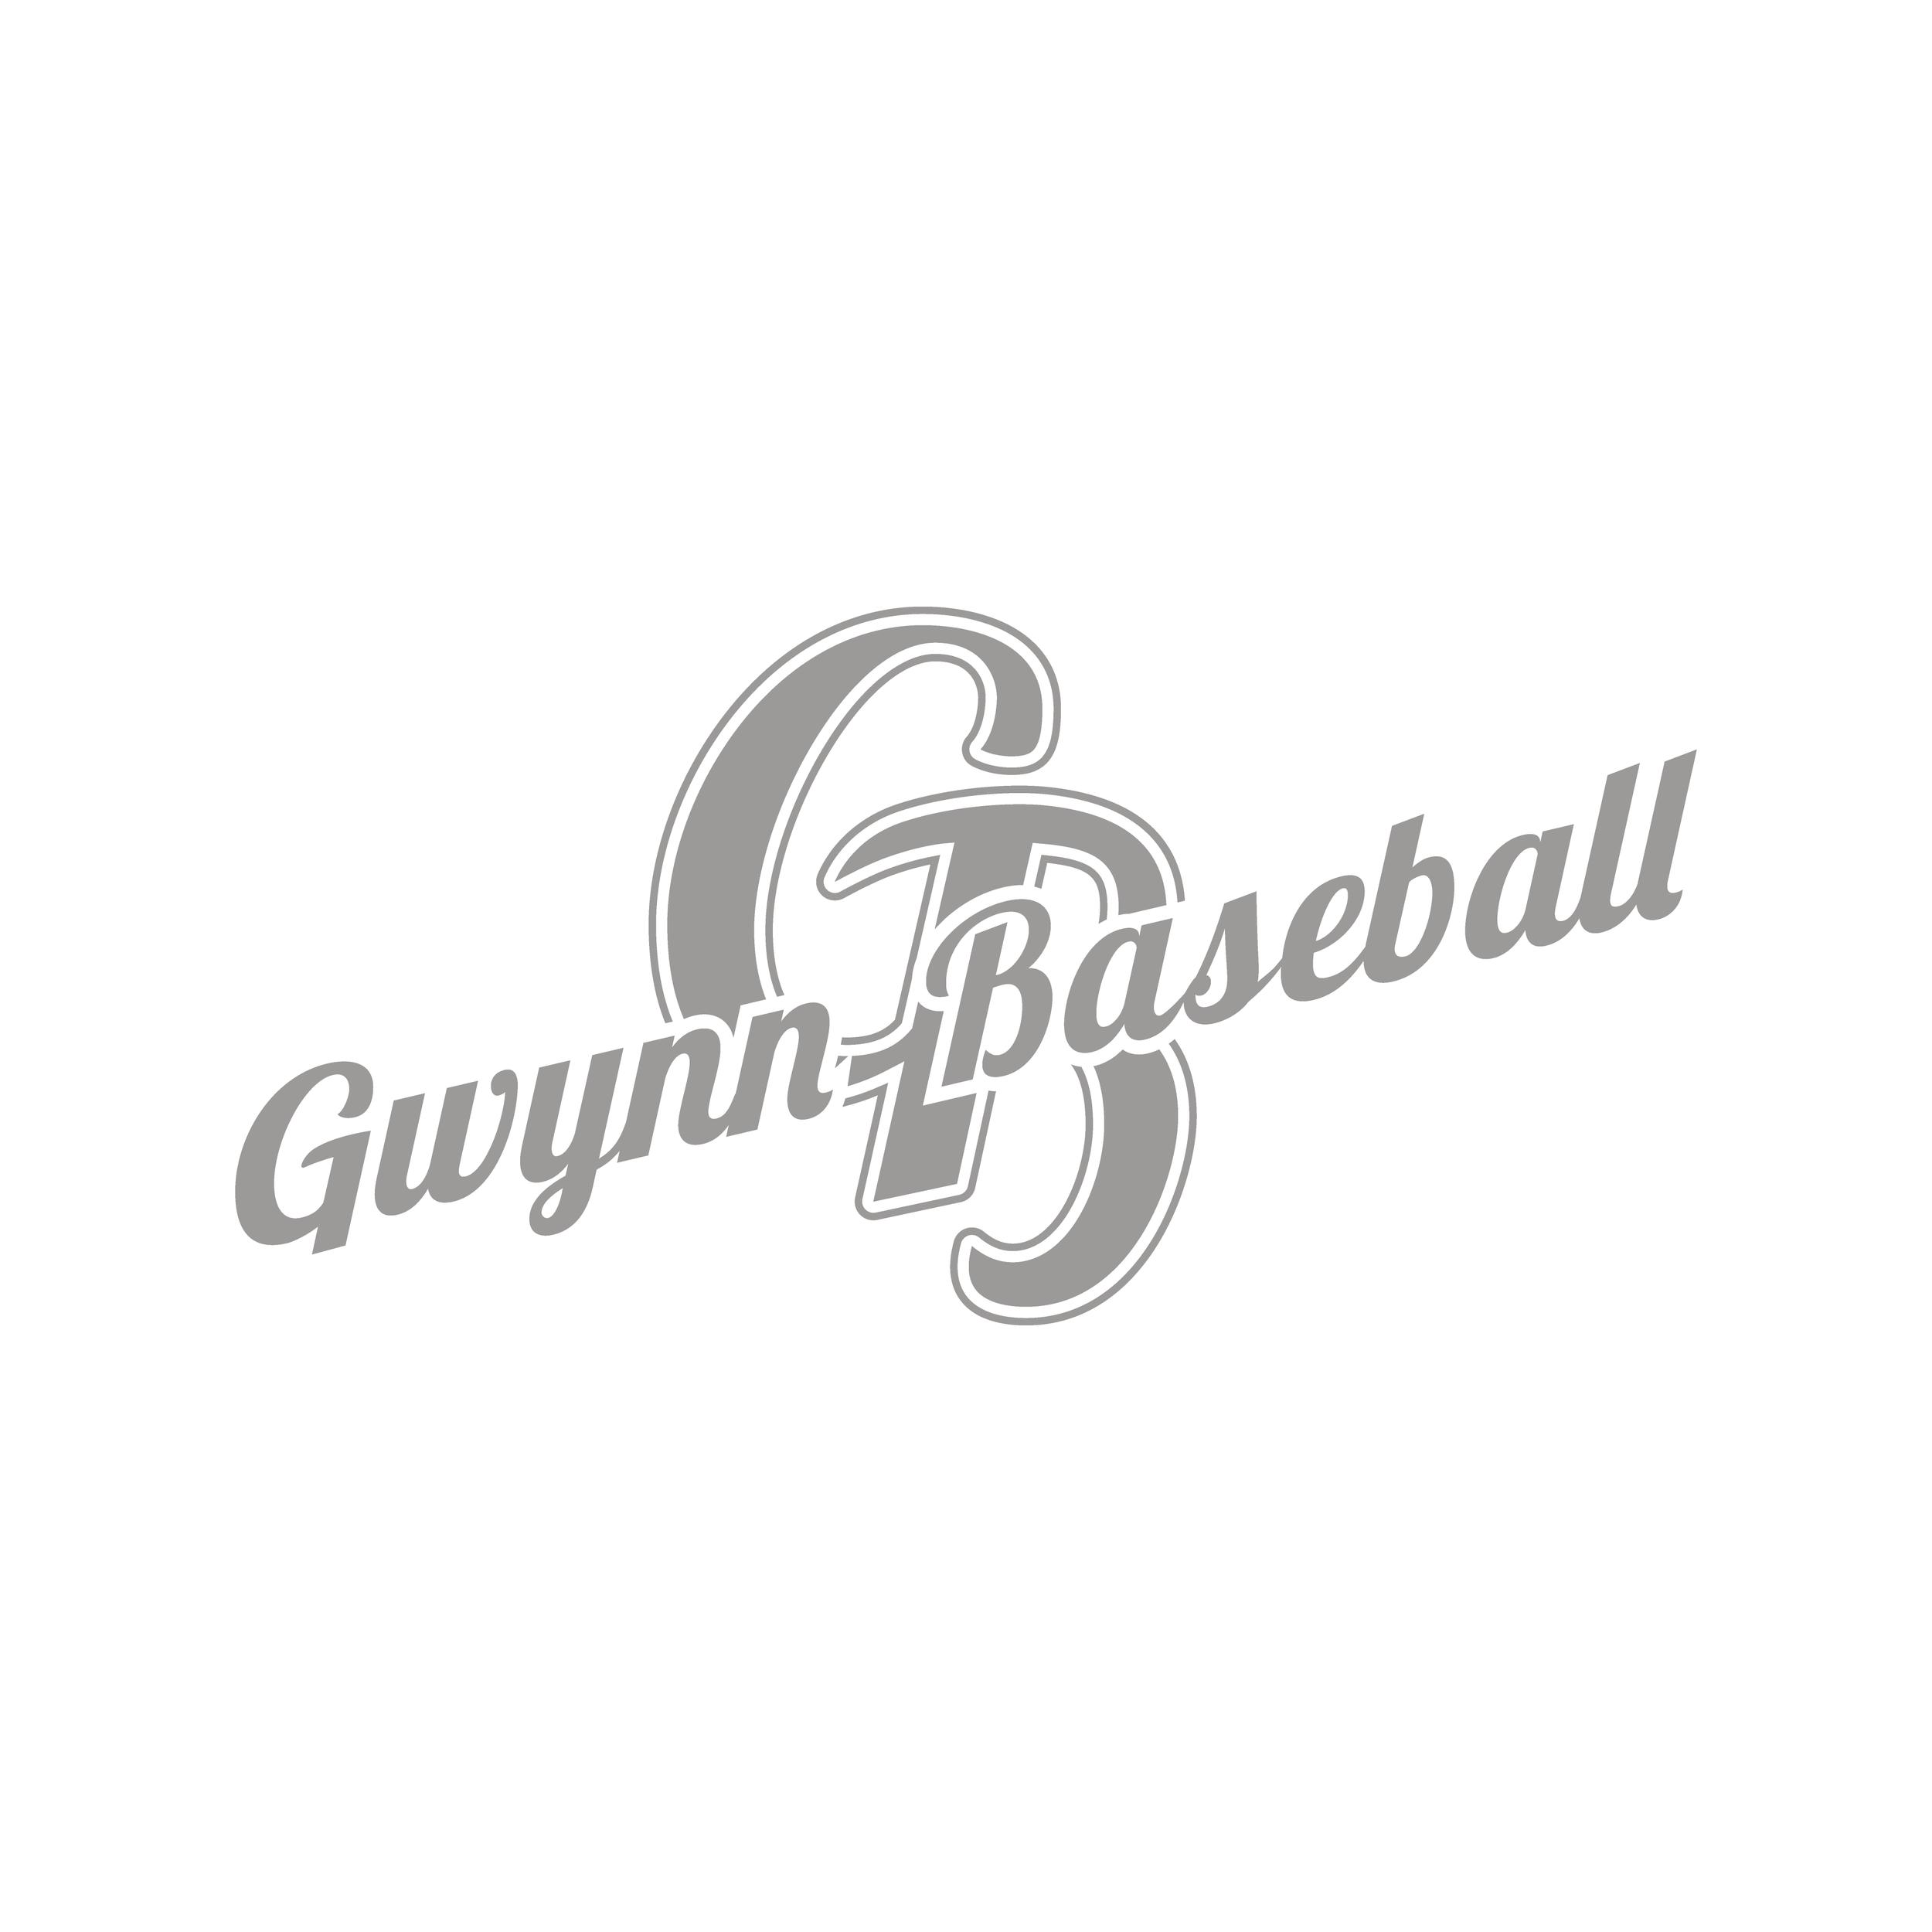 Gwynn Baseball